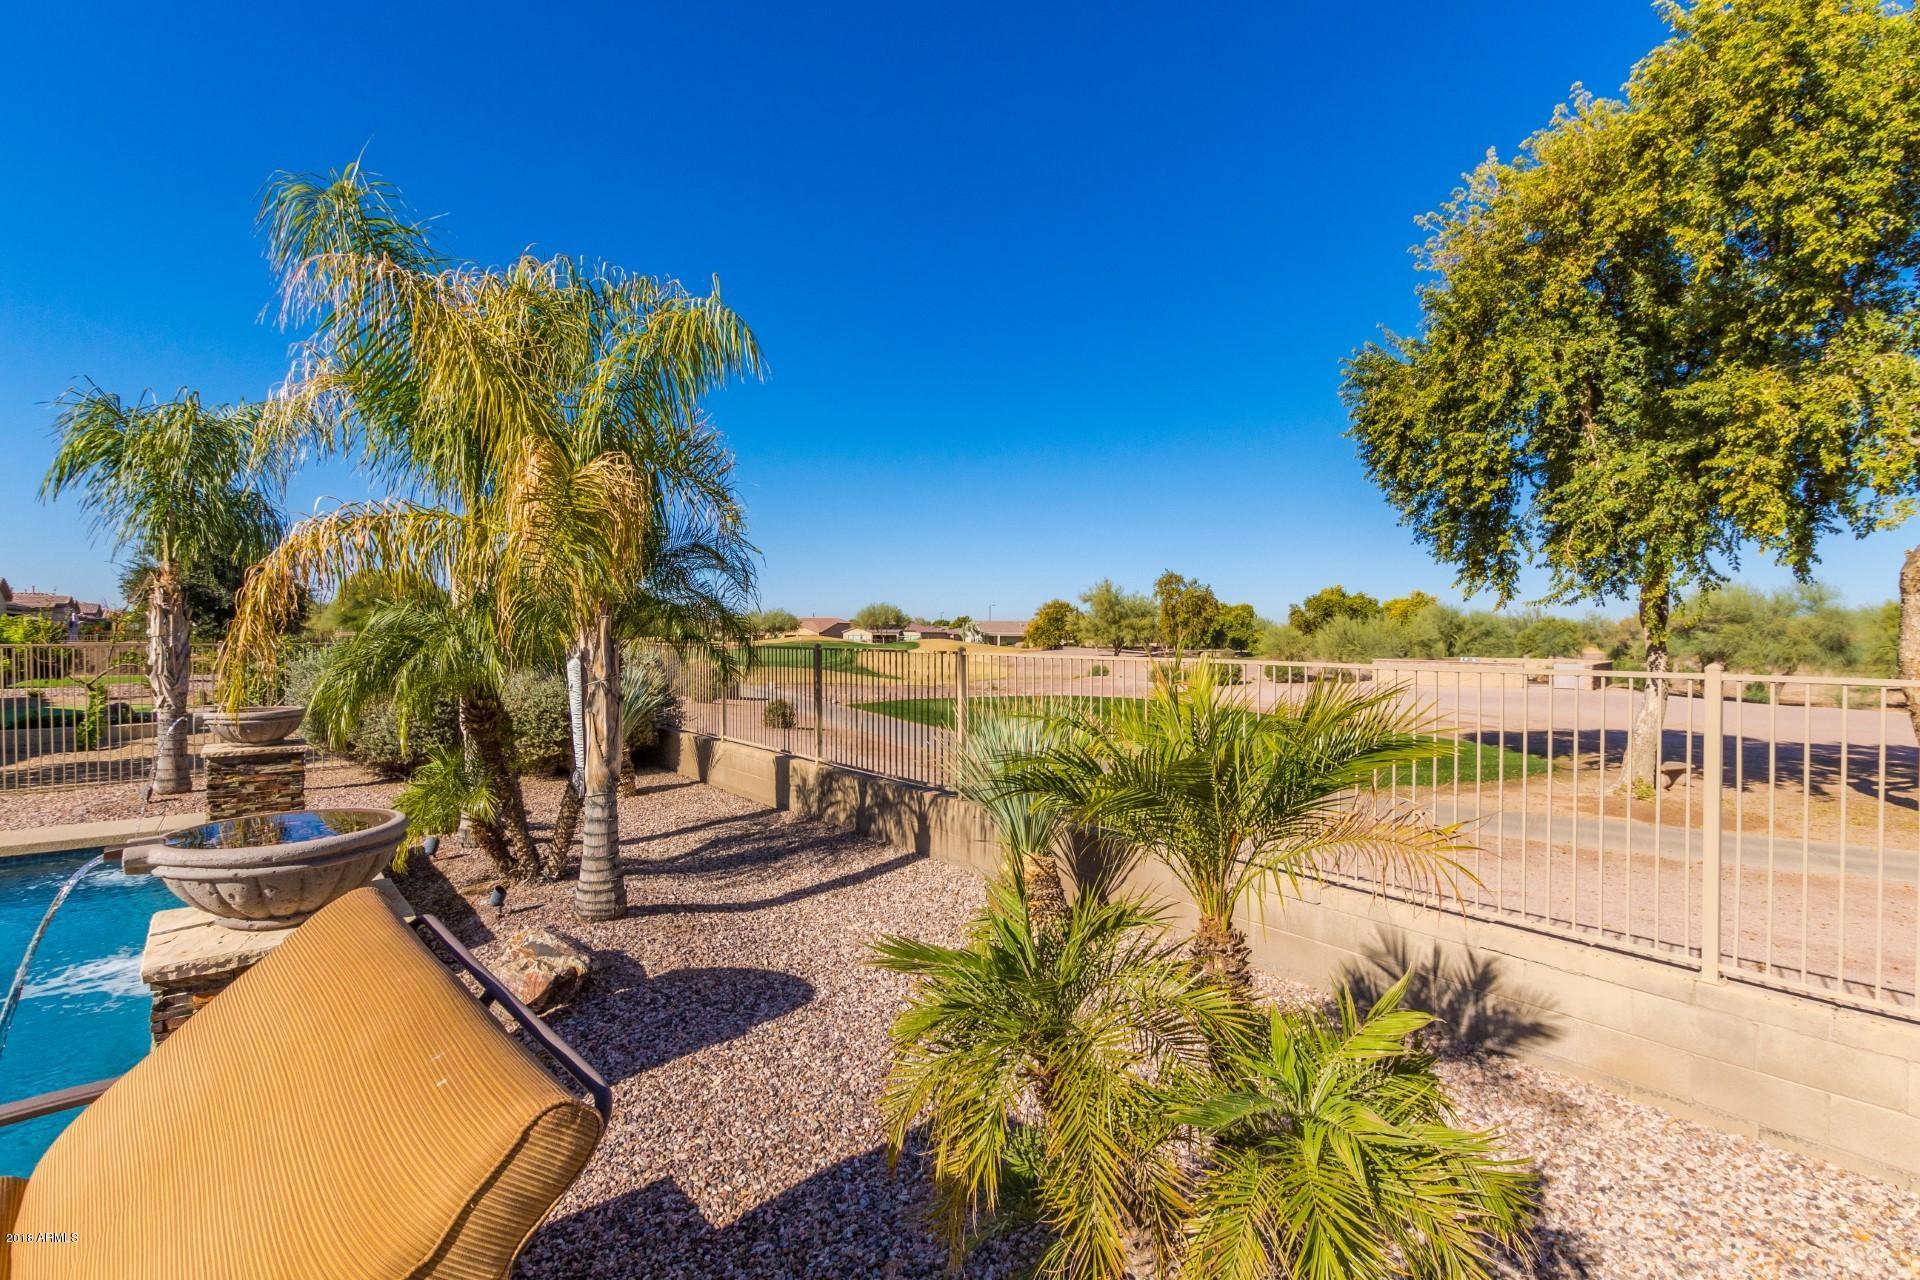 MLS 5859245 4390 E FICUS Way, Gilbert, AZ 85298 Gilbert AZ Trilogy At Power Ranch